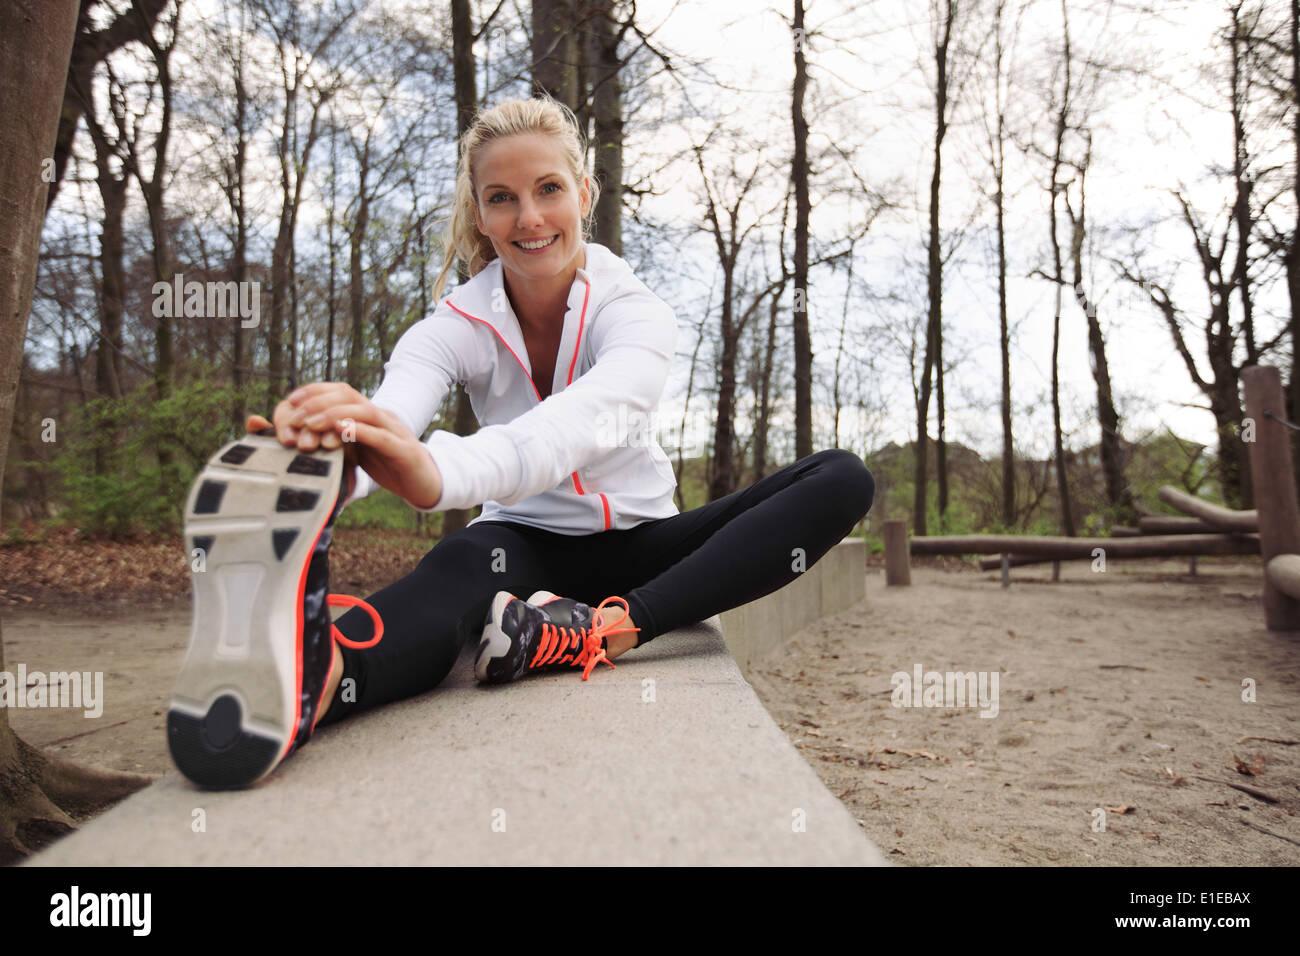 Felice e montare la donna stretching gambe la sua prima sessione di formazione in natura. Bella atleta caucasica esercitare presso il parco. Immagini Stock